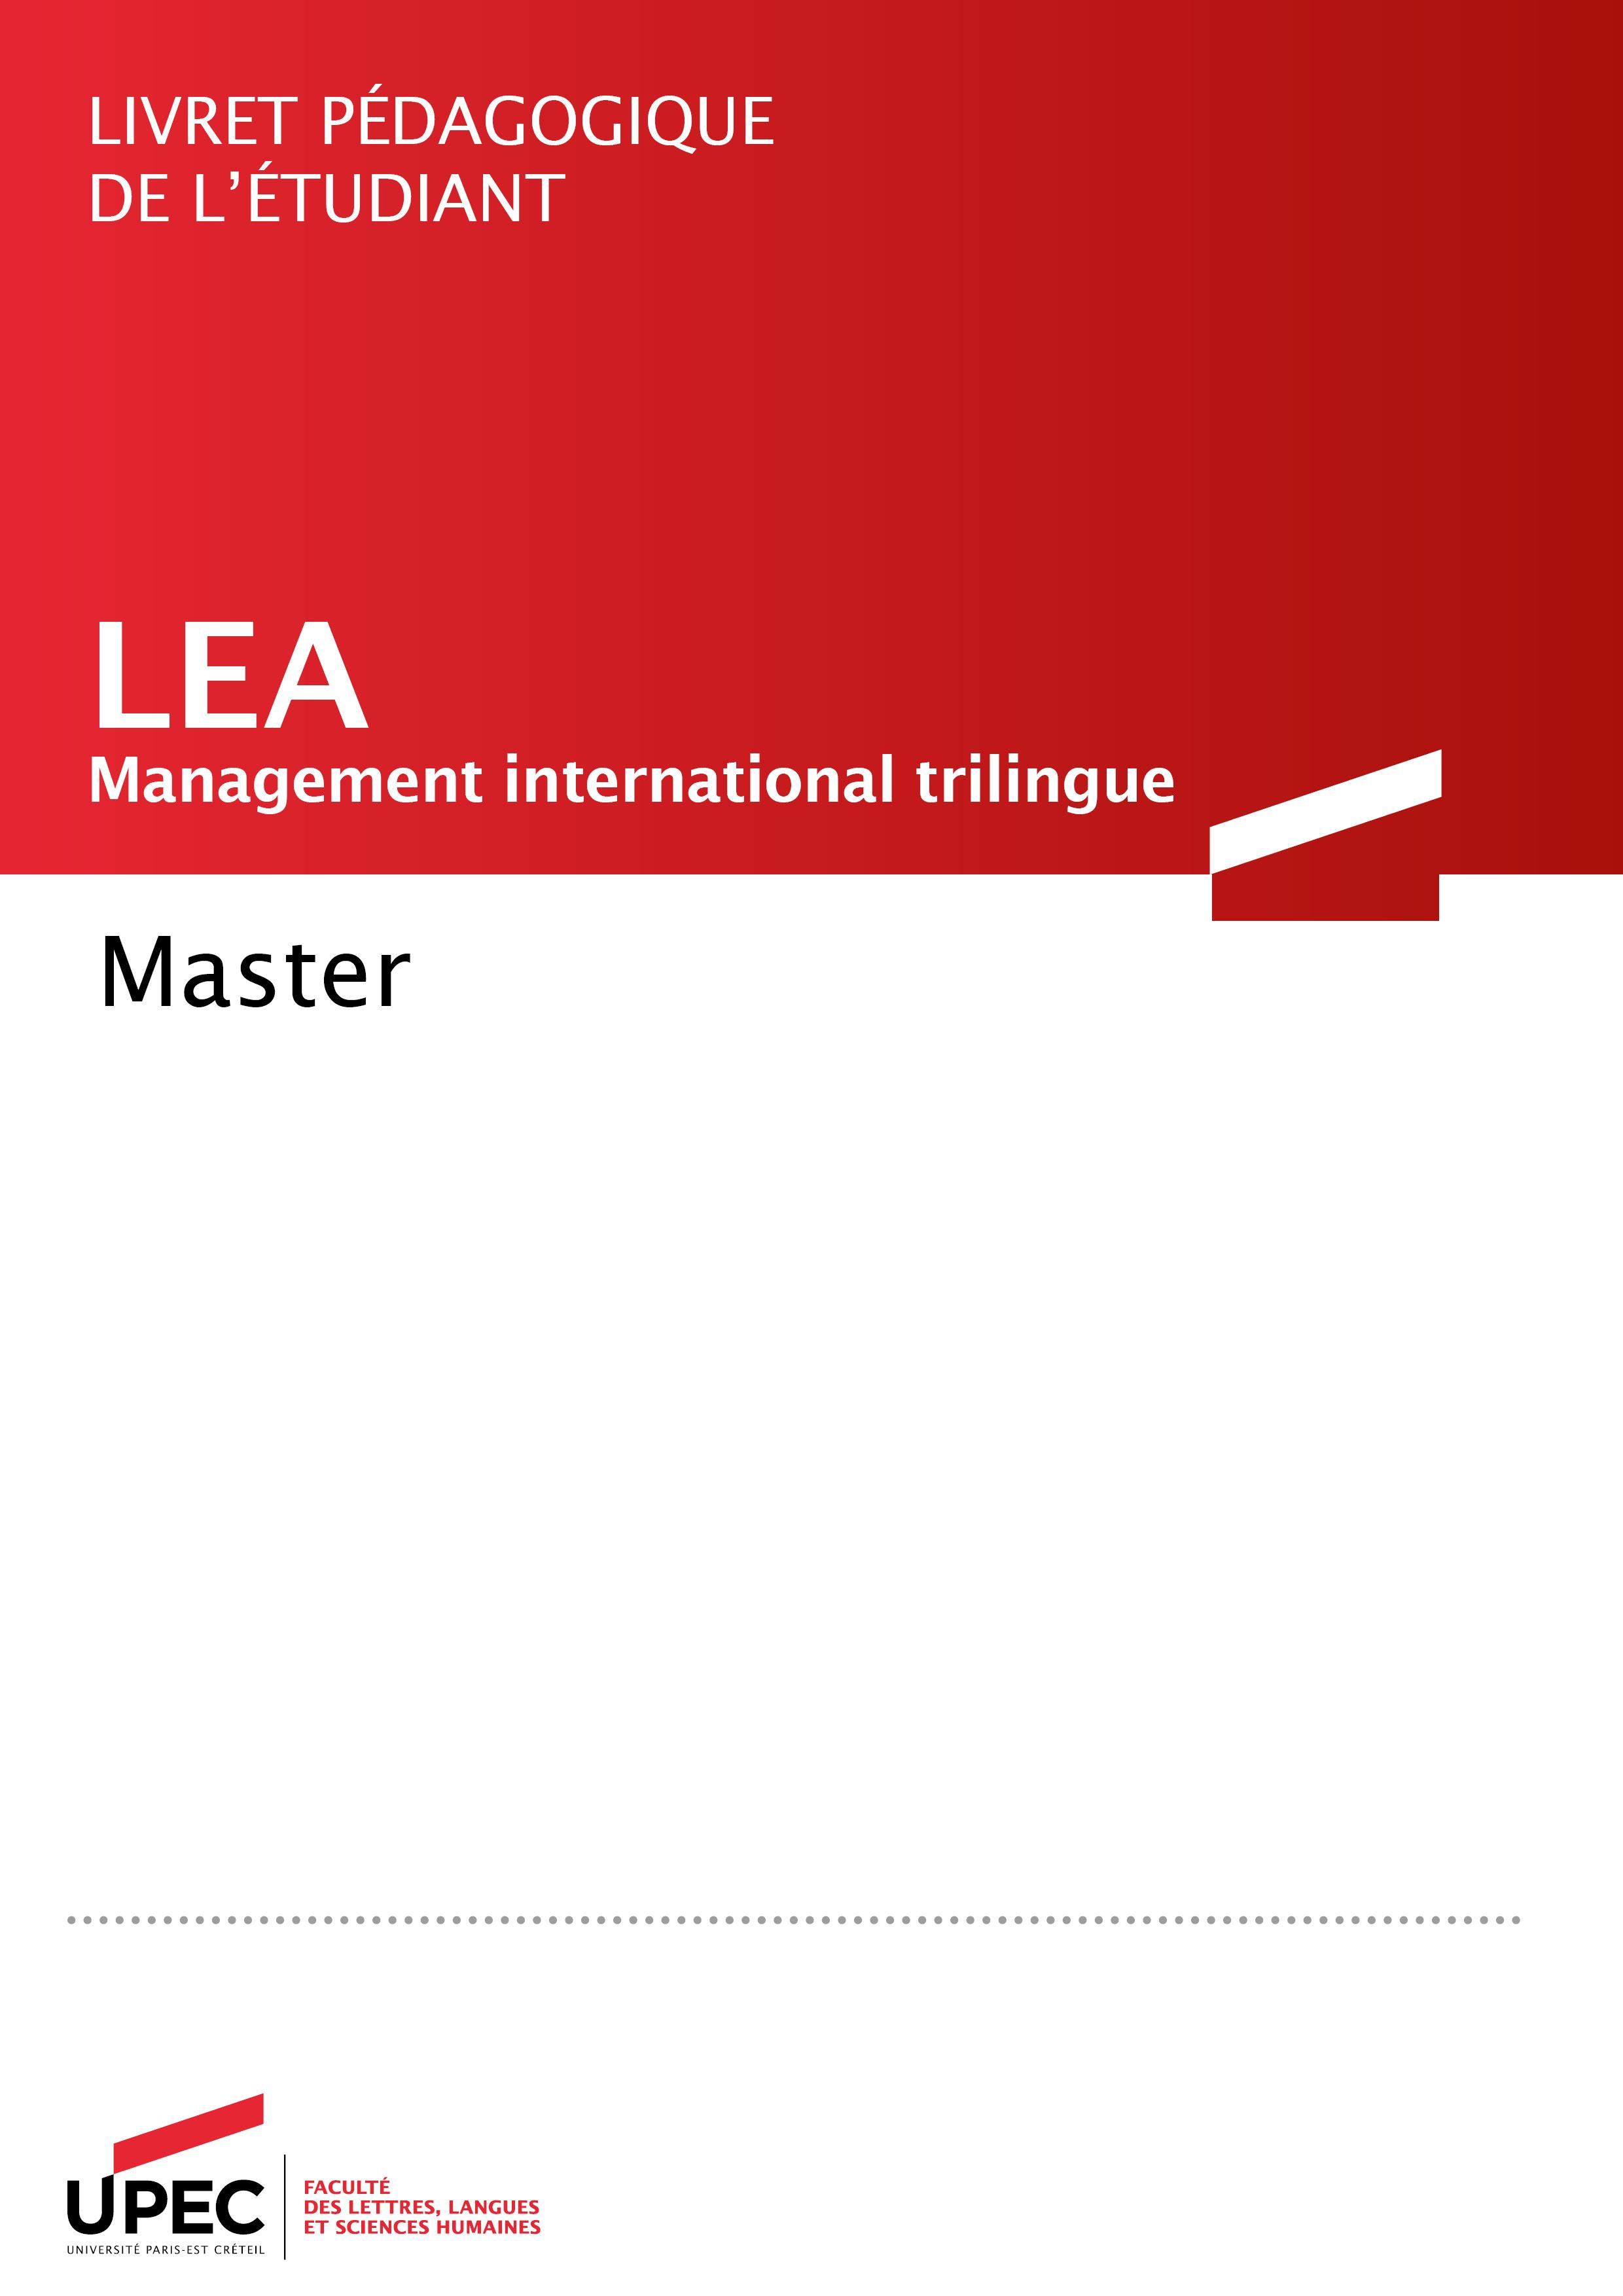 Master LEA livret pédagogique